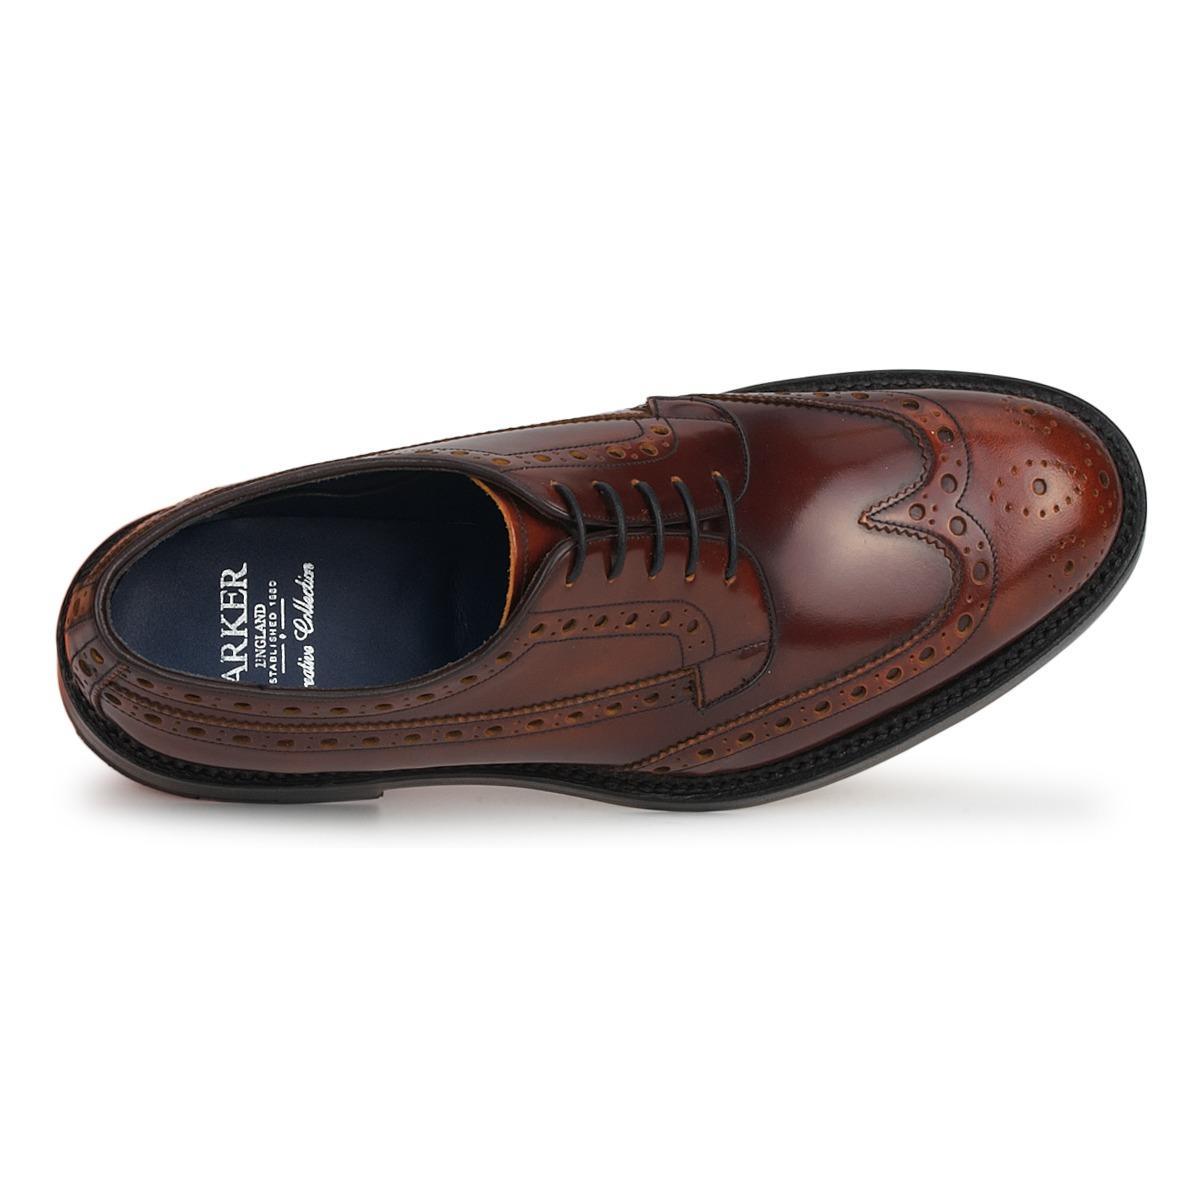 Barker Nette Schoenen Anderson in het Bruin voor heren